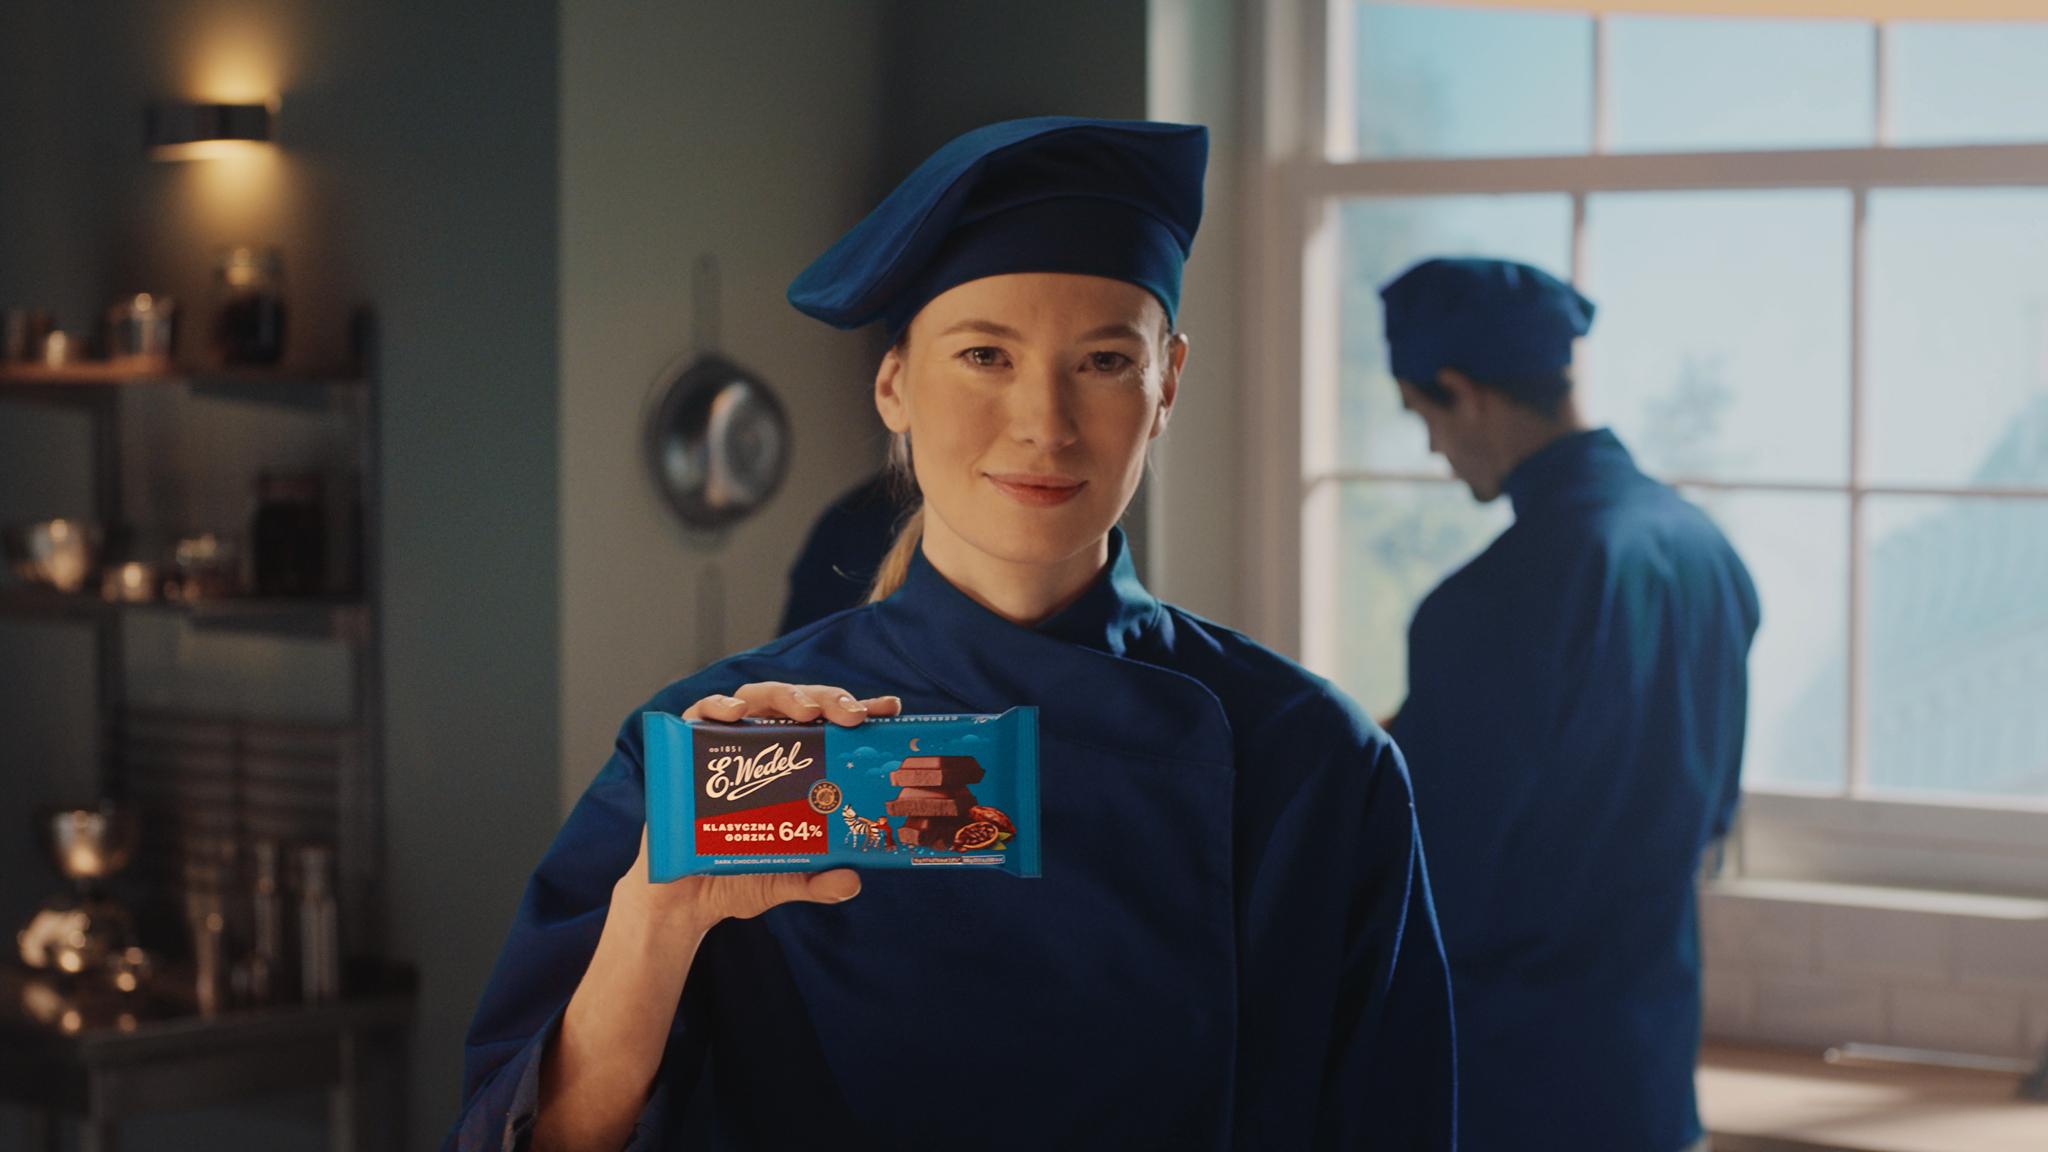 Oryginalna wedlowska czekolada gorzka w nowym spocie marki E.Wedel